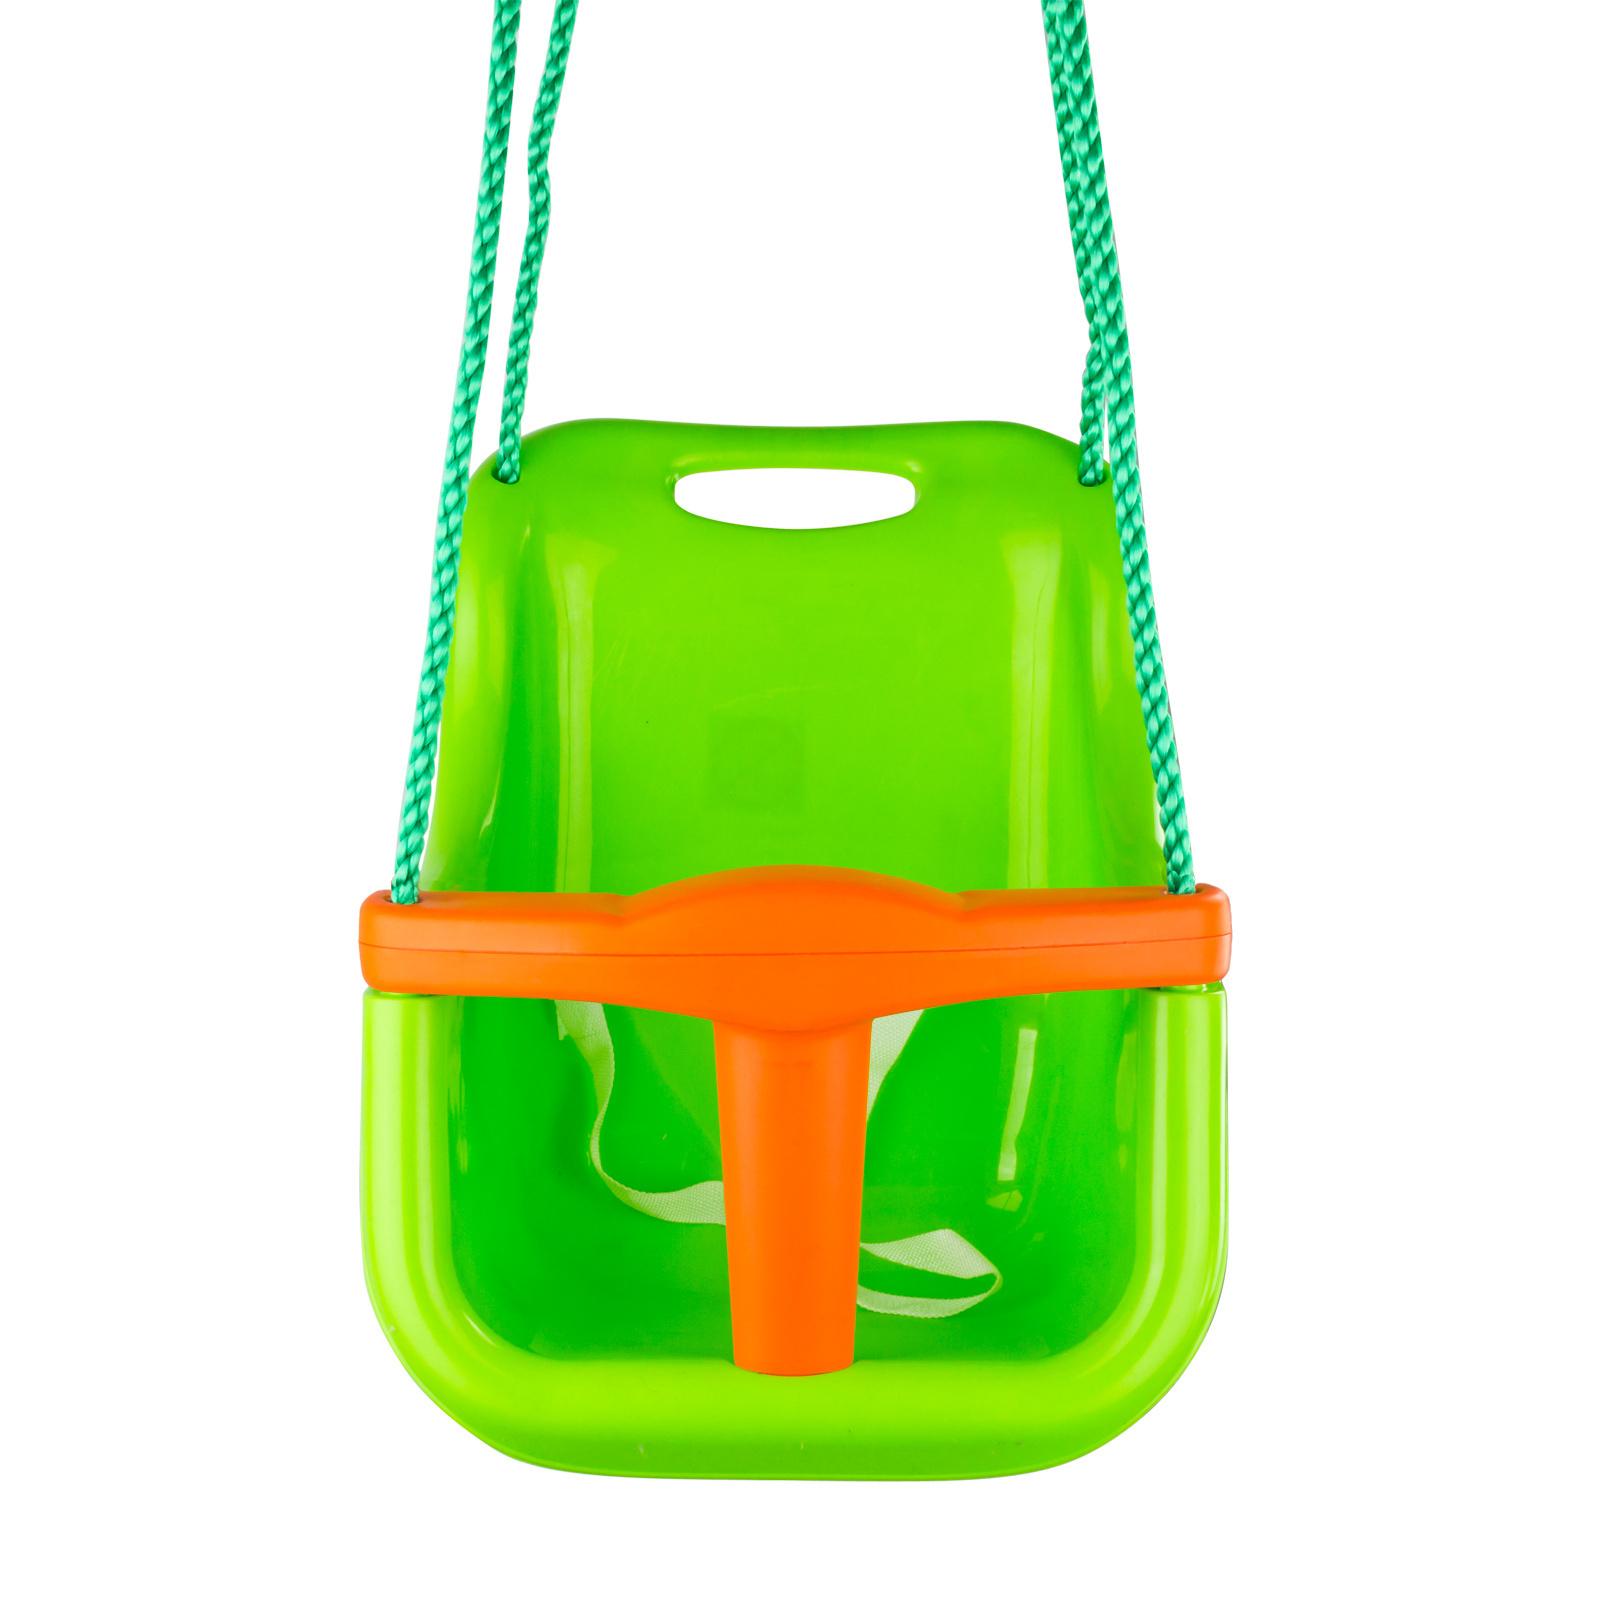 pvc babyschaukel schaukel kinderschaukel astschaukel mit seil gr n f r bis 25 kg ebay. Black Bedroom Furniture Sets. Home Design Ideas